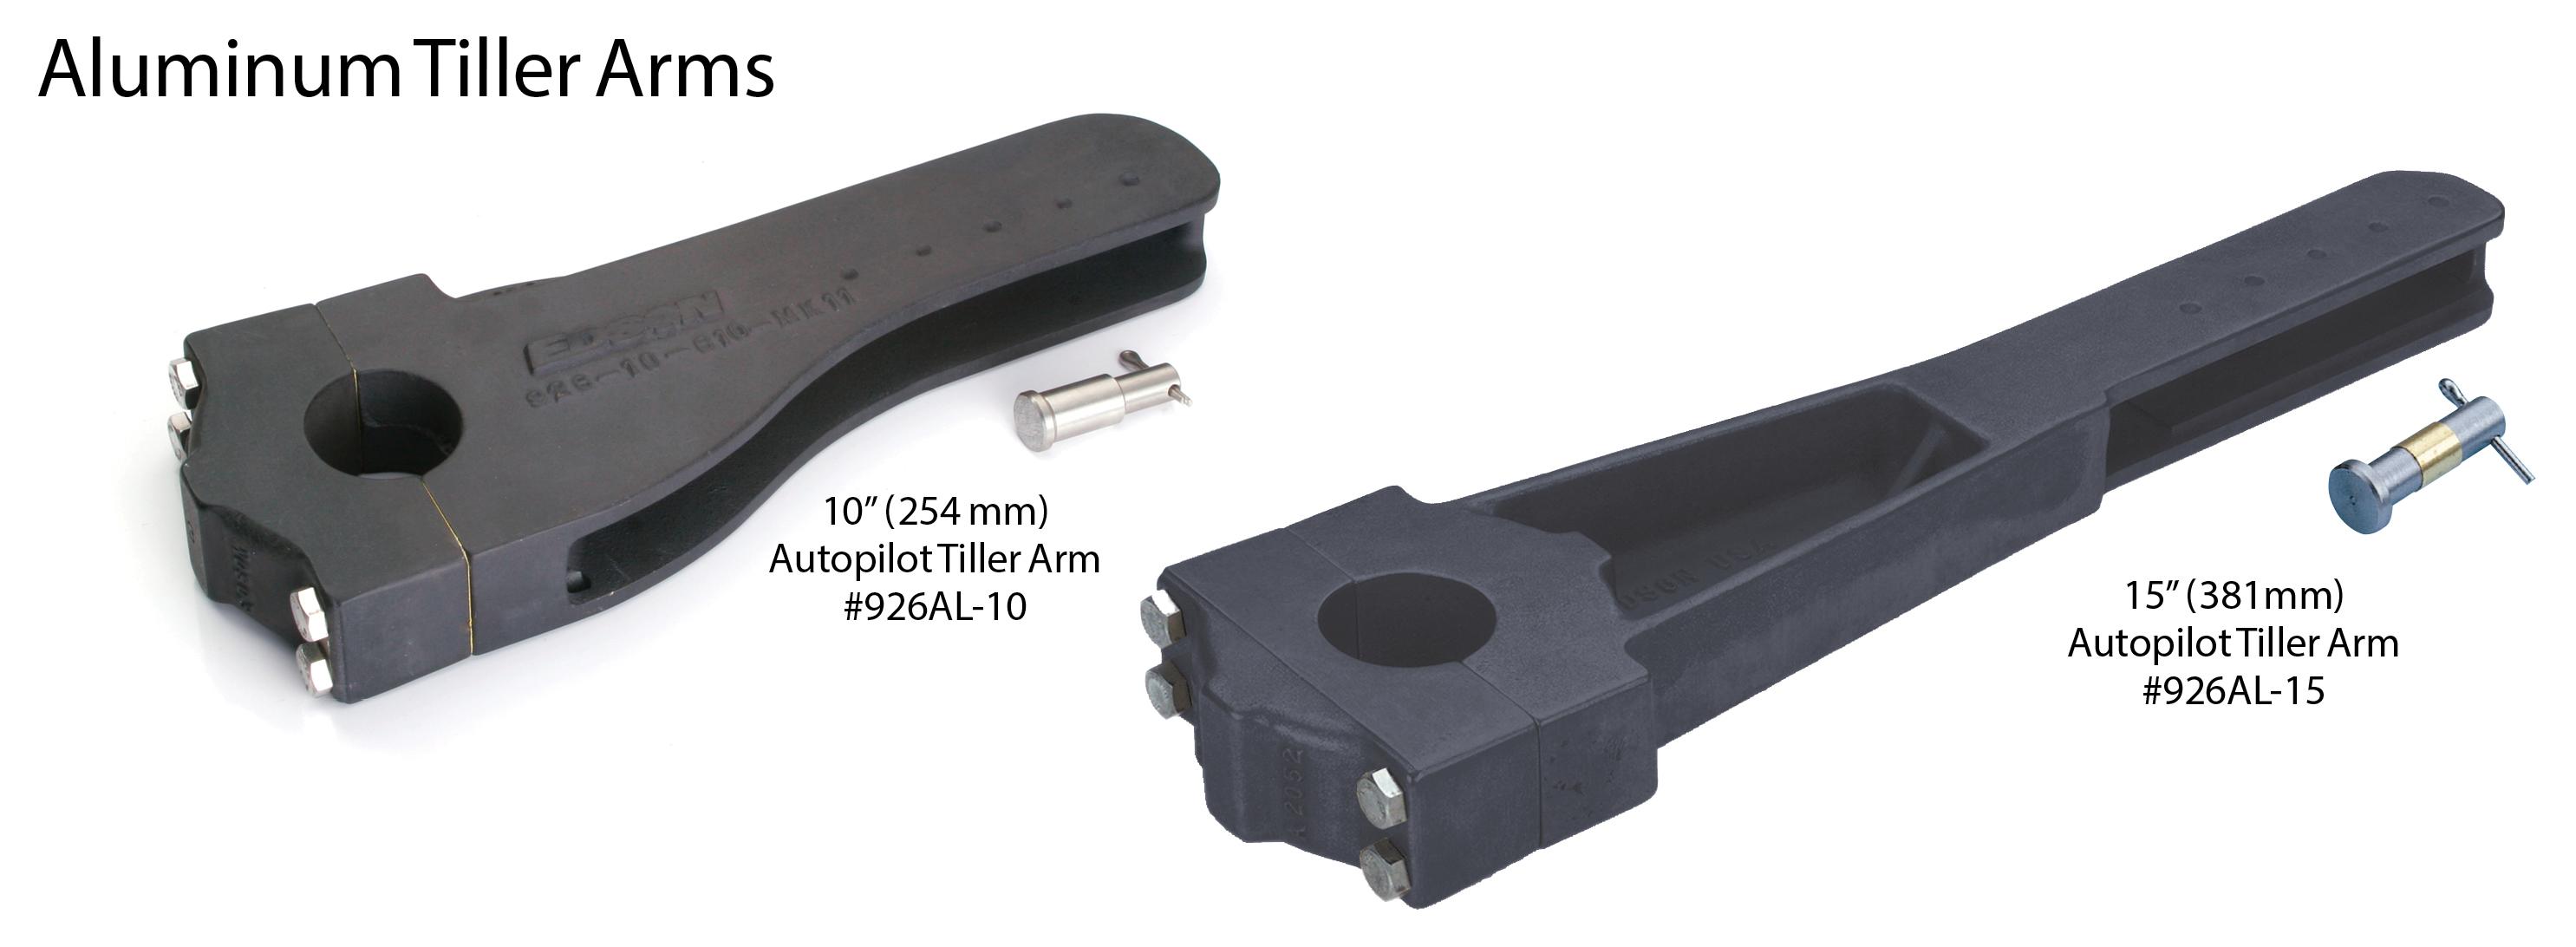 Aluminum Tiller Arms